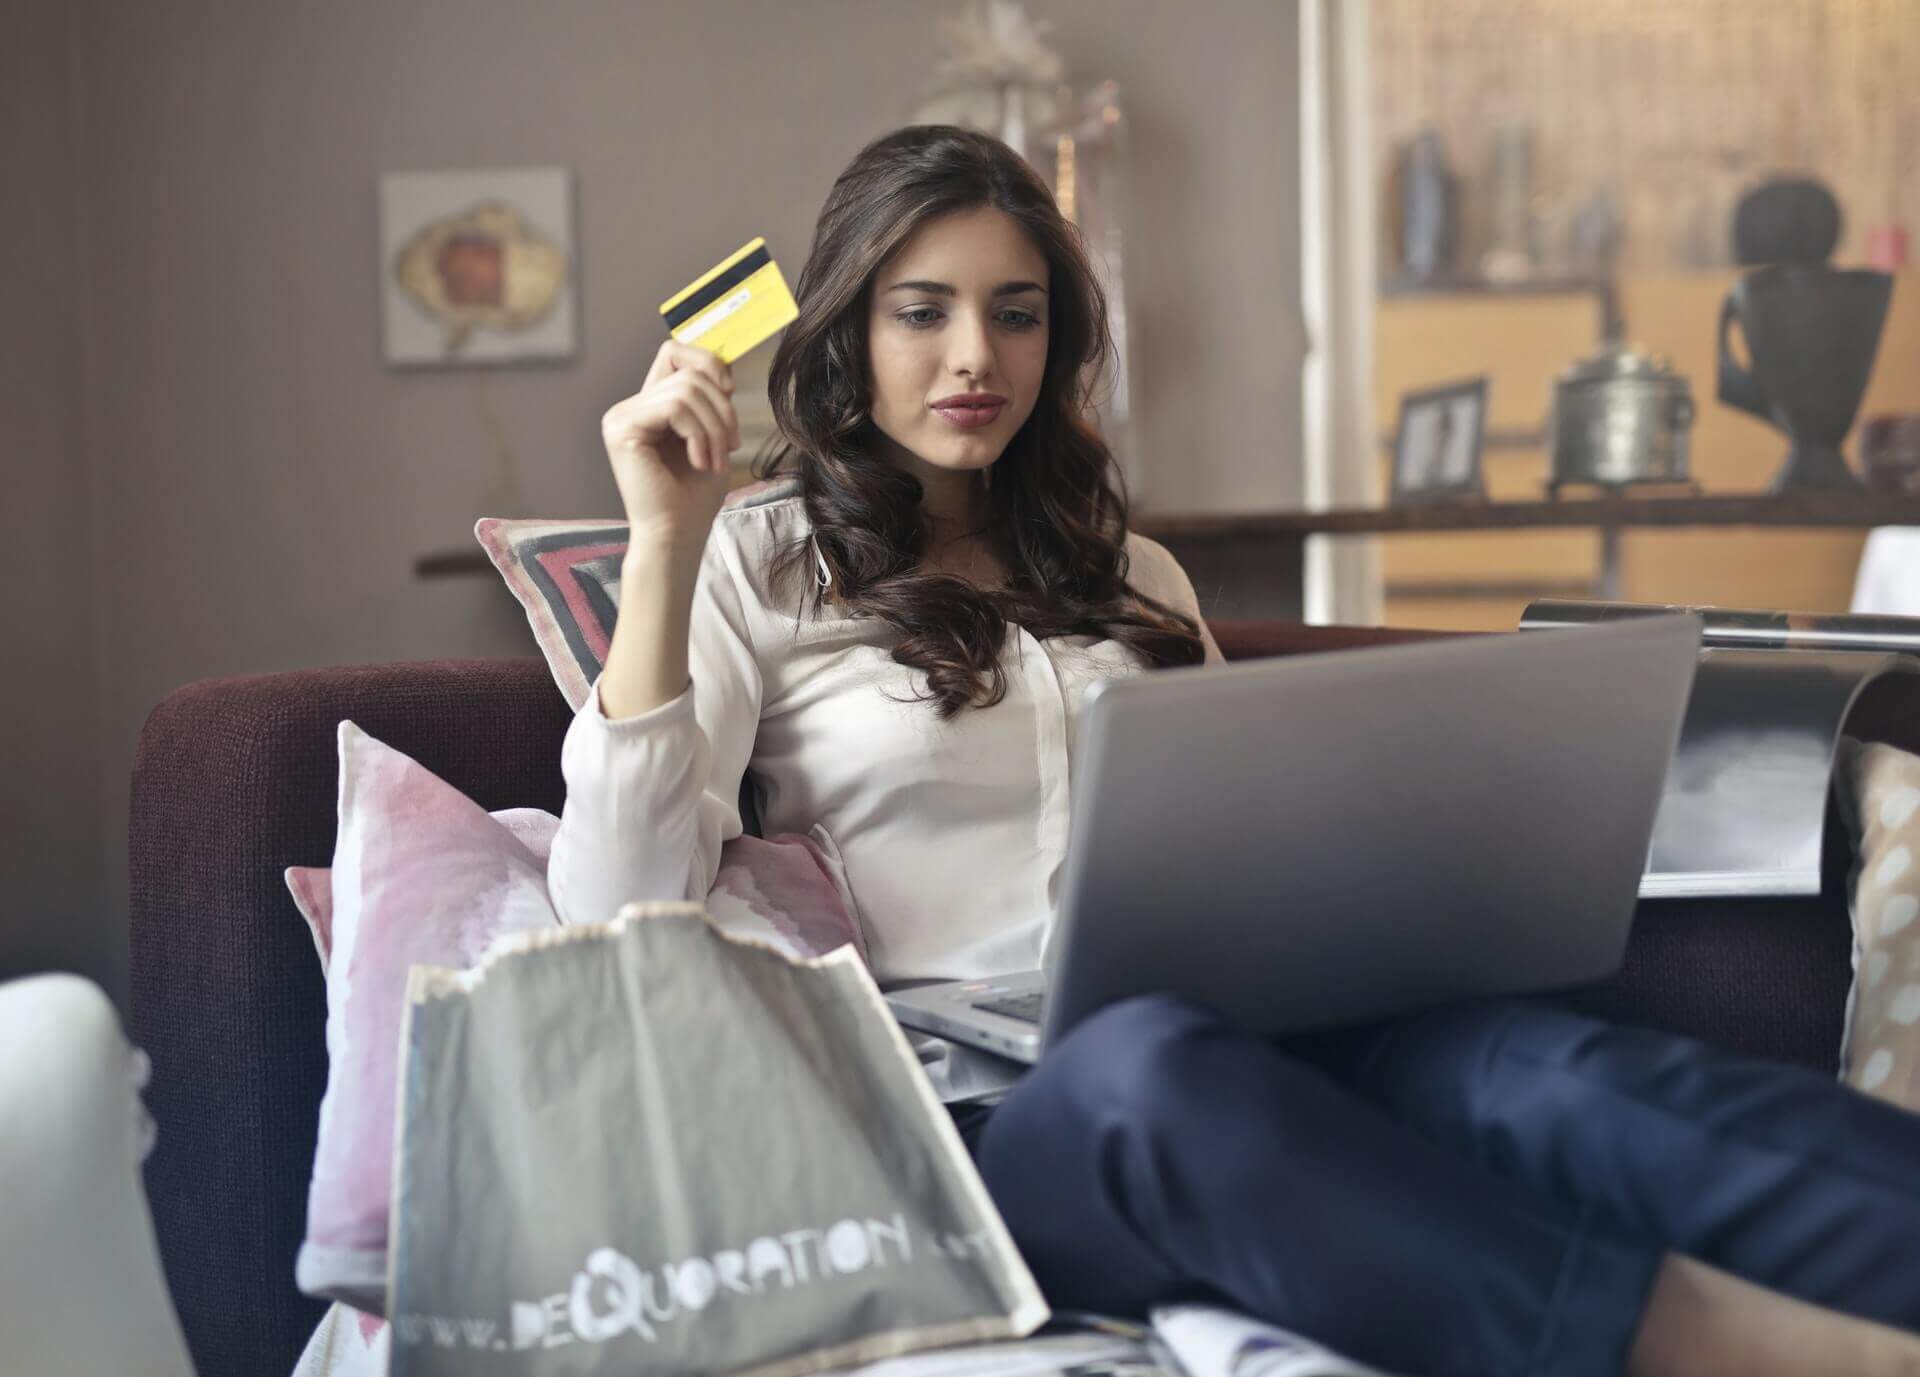 Rätt val: 7 saker du INTE får glömma innan du väljer ett kreditkort